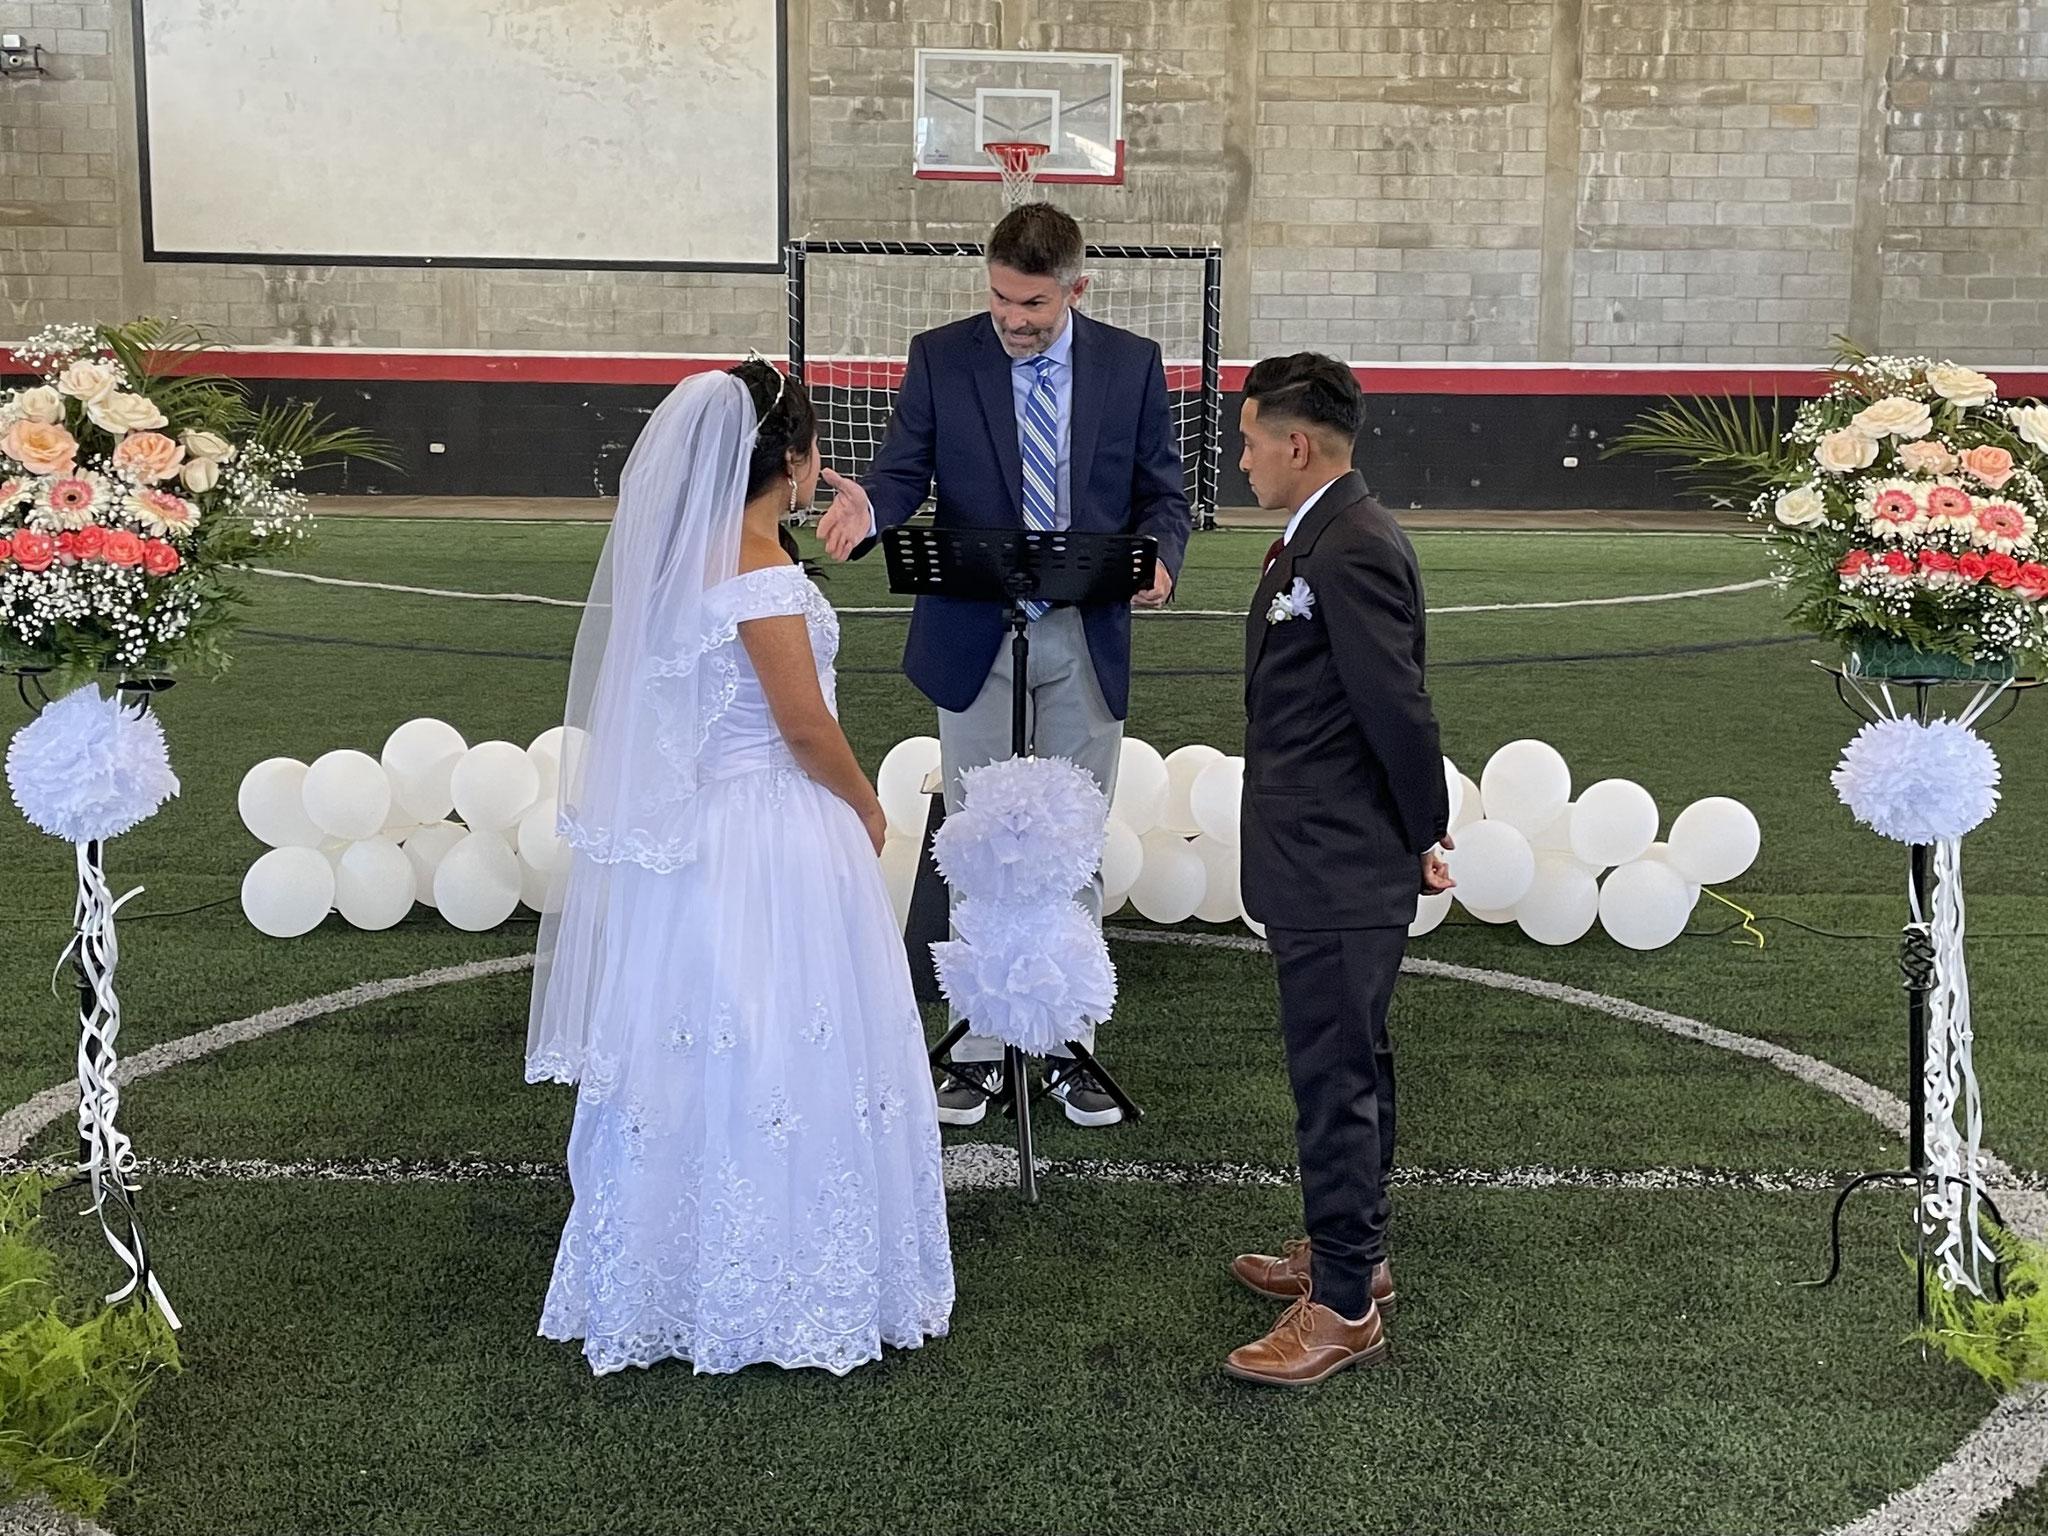 Nicho and Araceli wedding